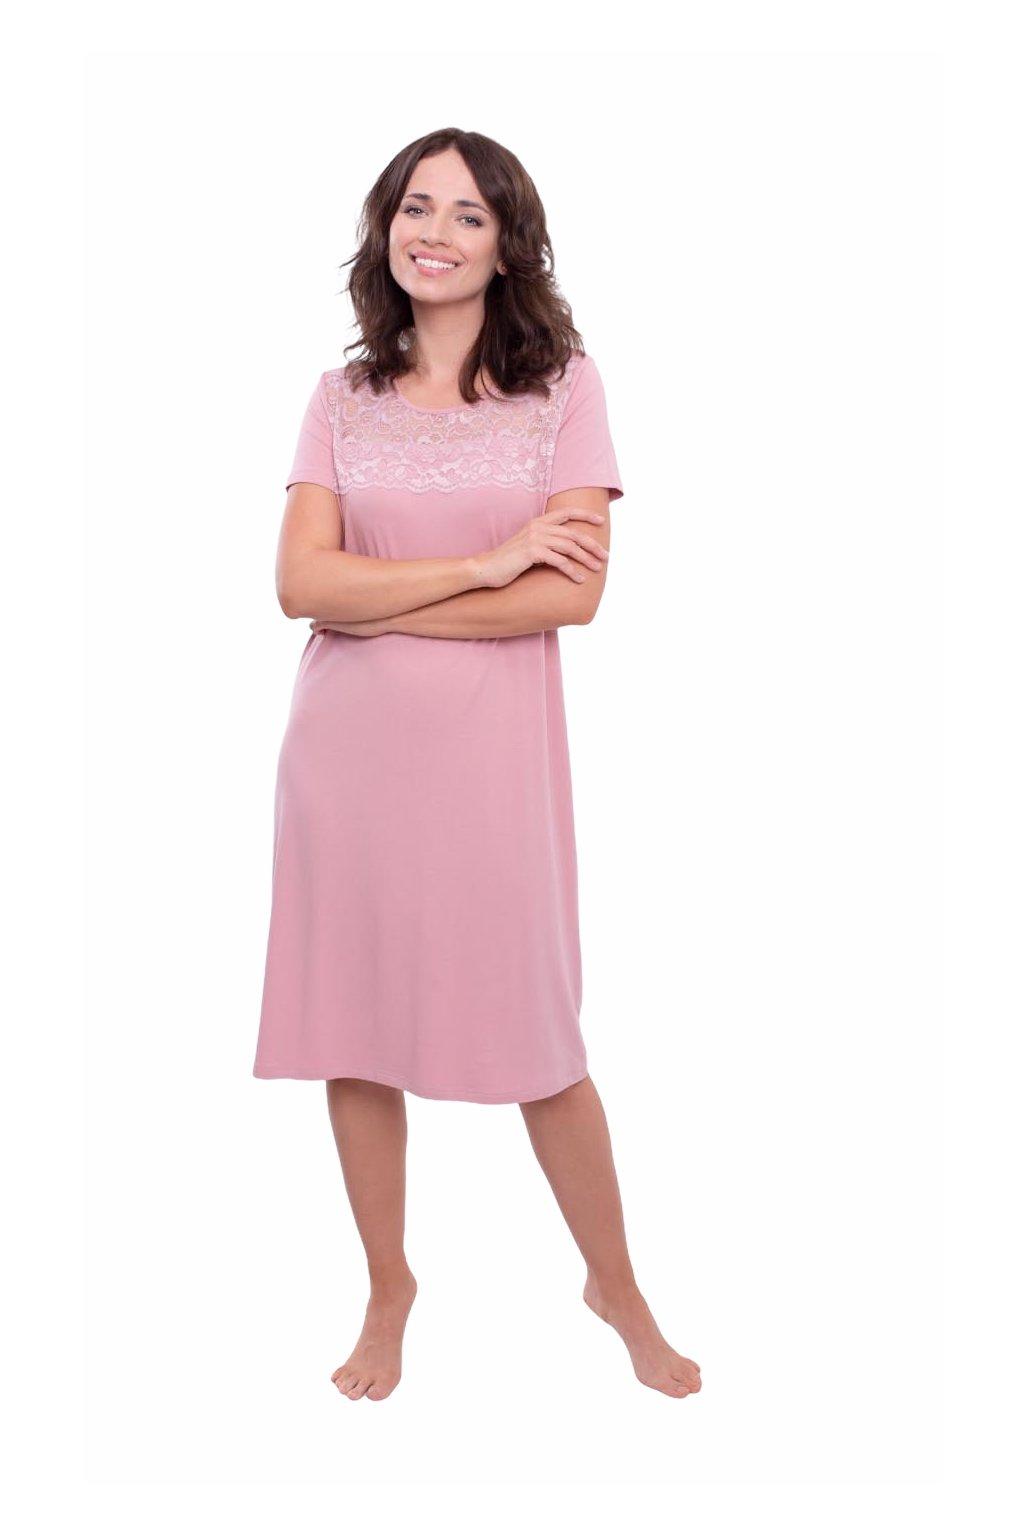 Dámská noční košile s krátkým rukávem, 104562 146, růžová